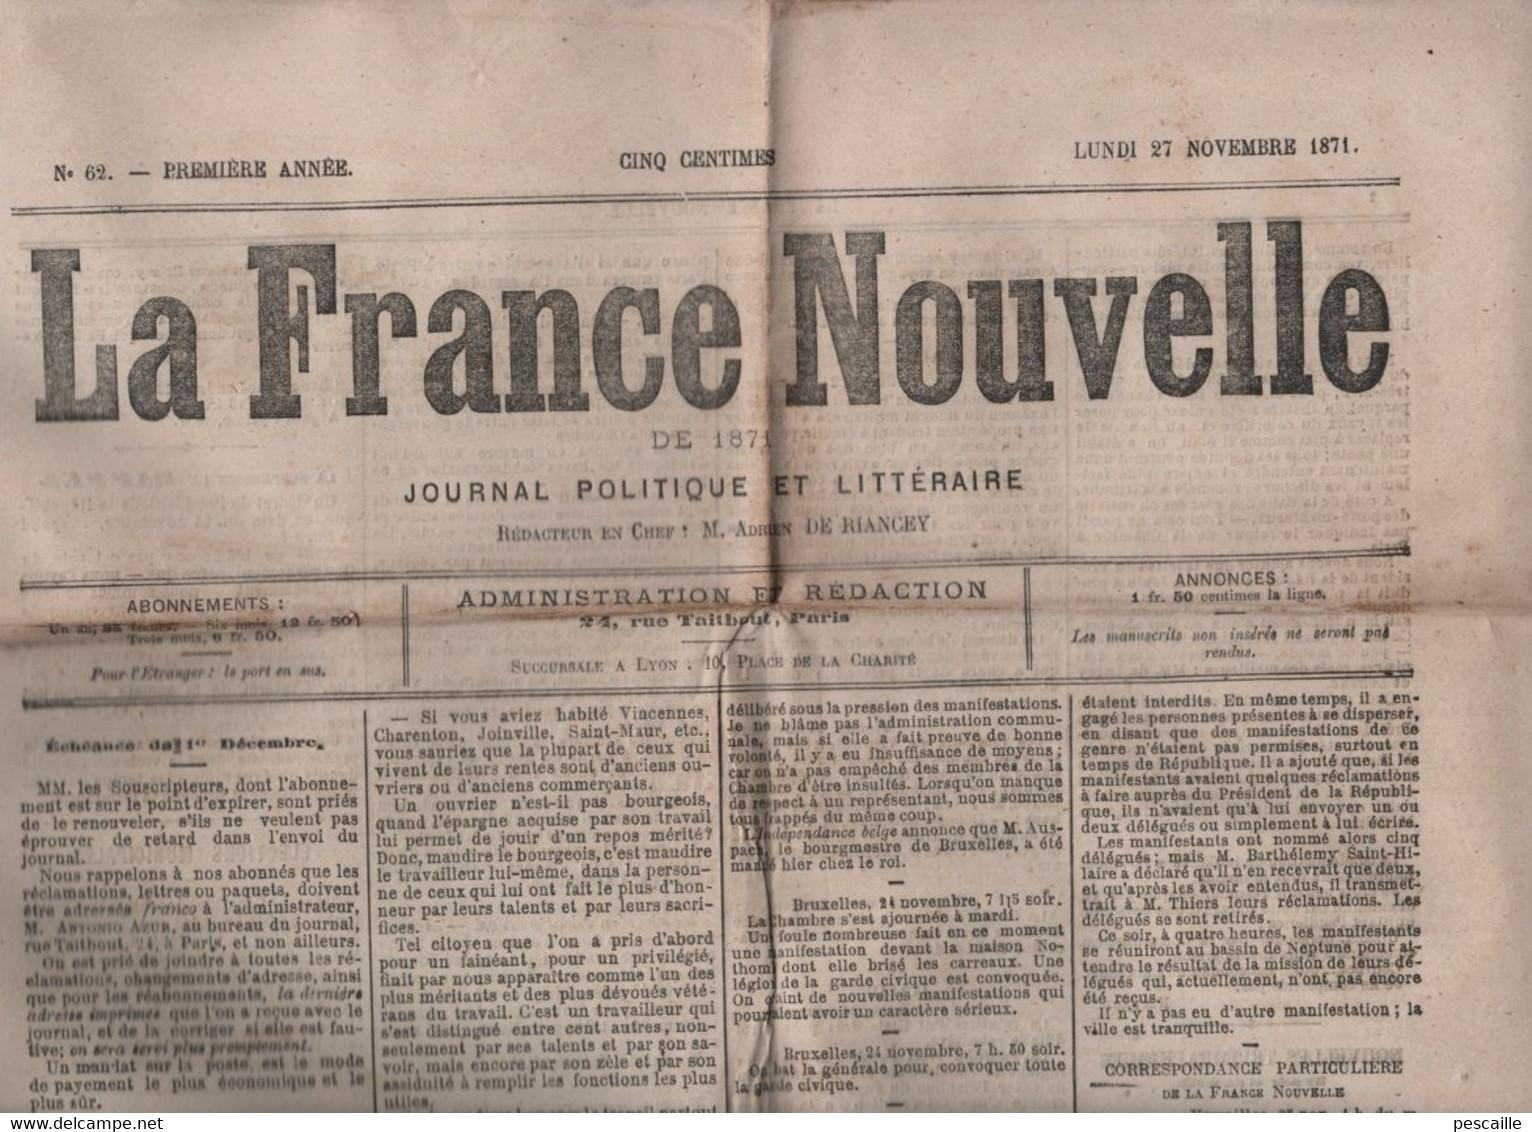 LA FRANCE NOUVELLE 27 11 1871 - BOURGEOIS & OUVRIERS - AGITATION BRUXELLES - COMMISSION DES GRACES - LOIGNY - FERRE - 1850 - 1899